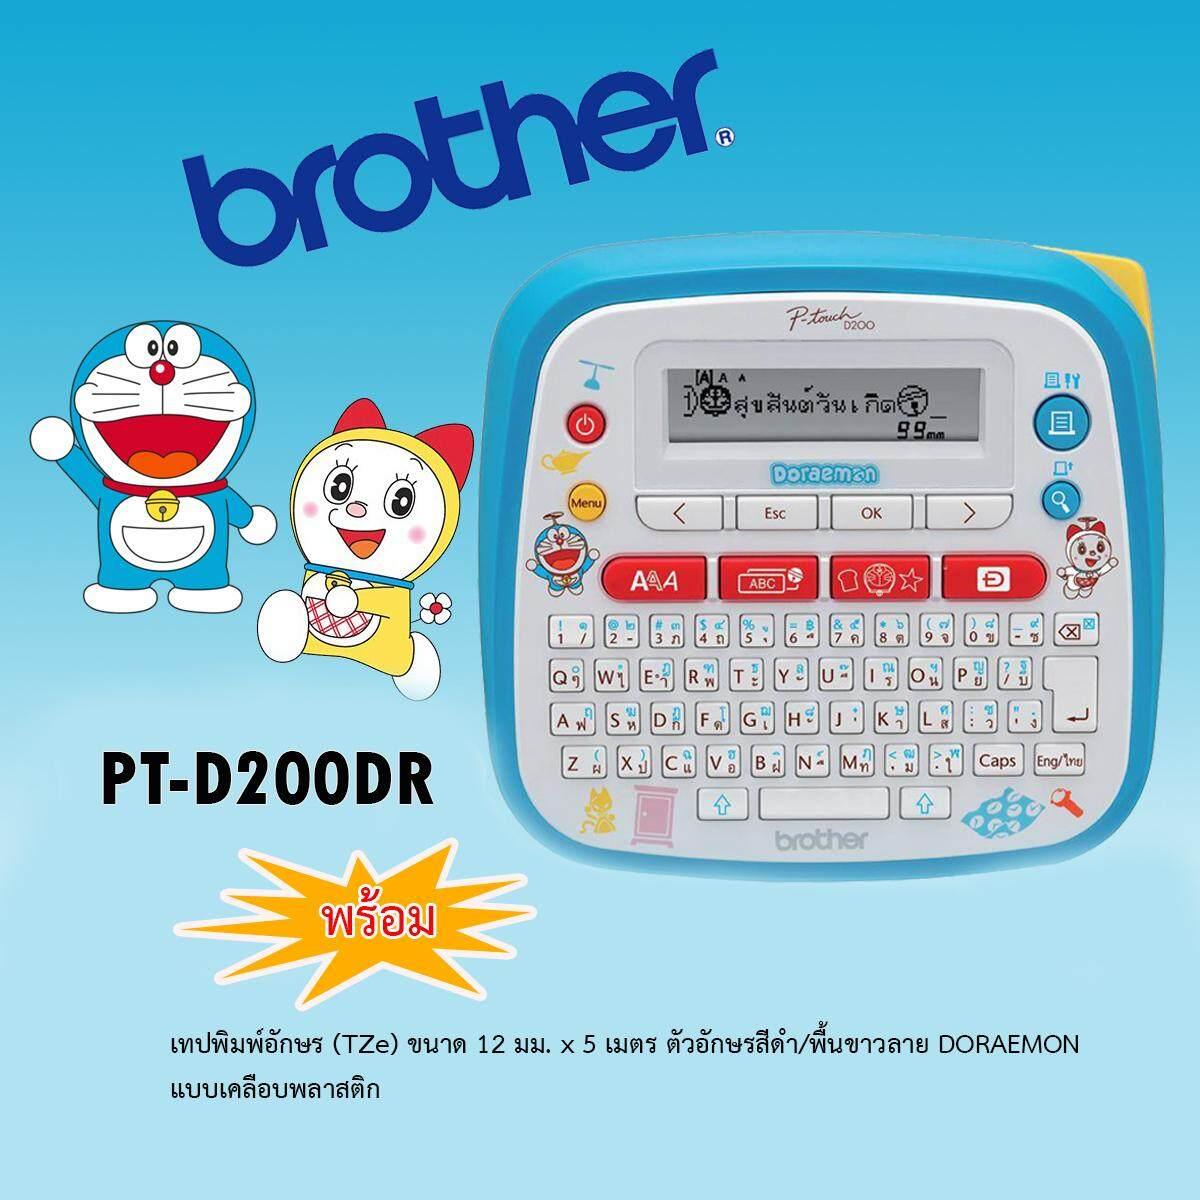 เครื่องพิมพ์ฉลาก Brother รุ่น Pt-D200dr ลายโดราเอม่อน By Iceonline.